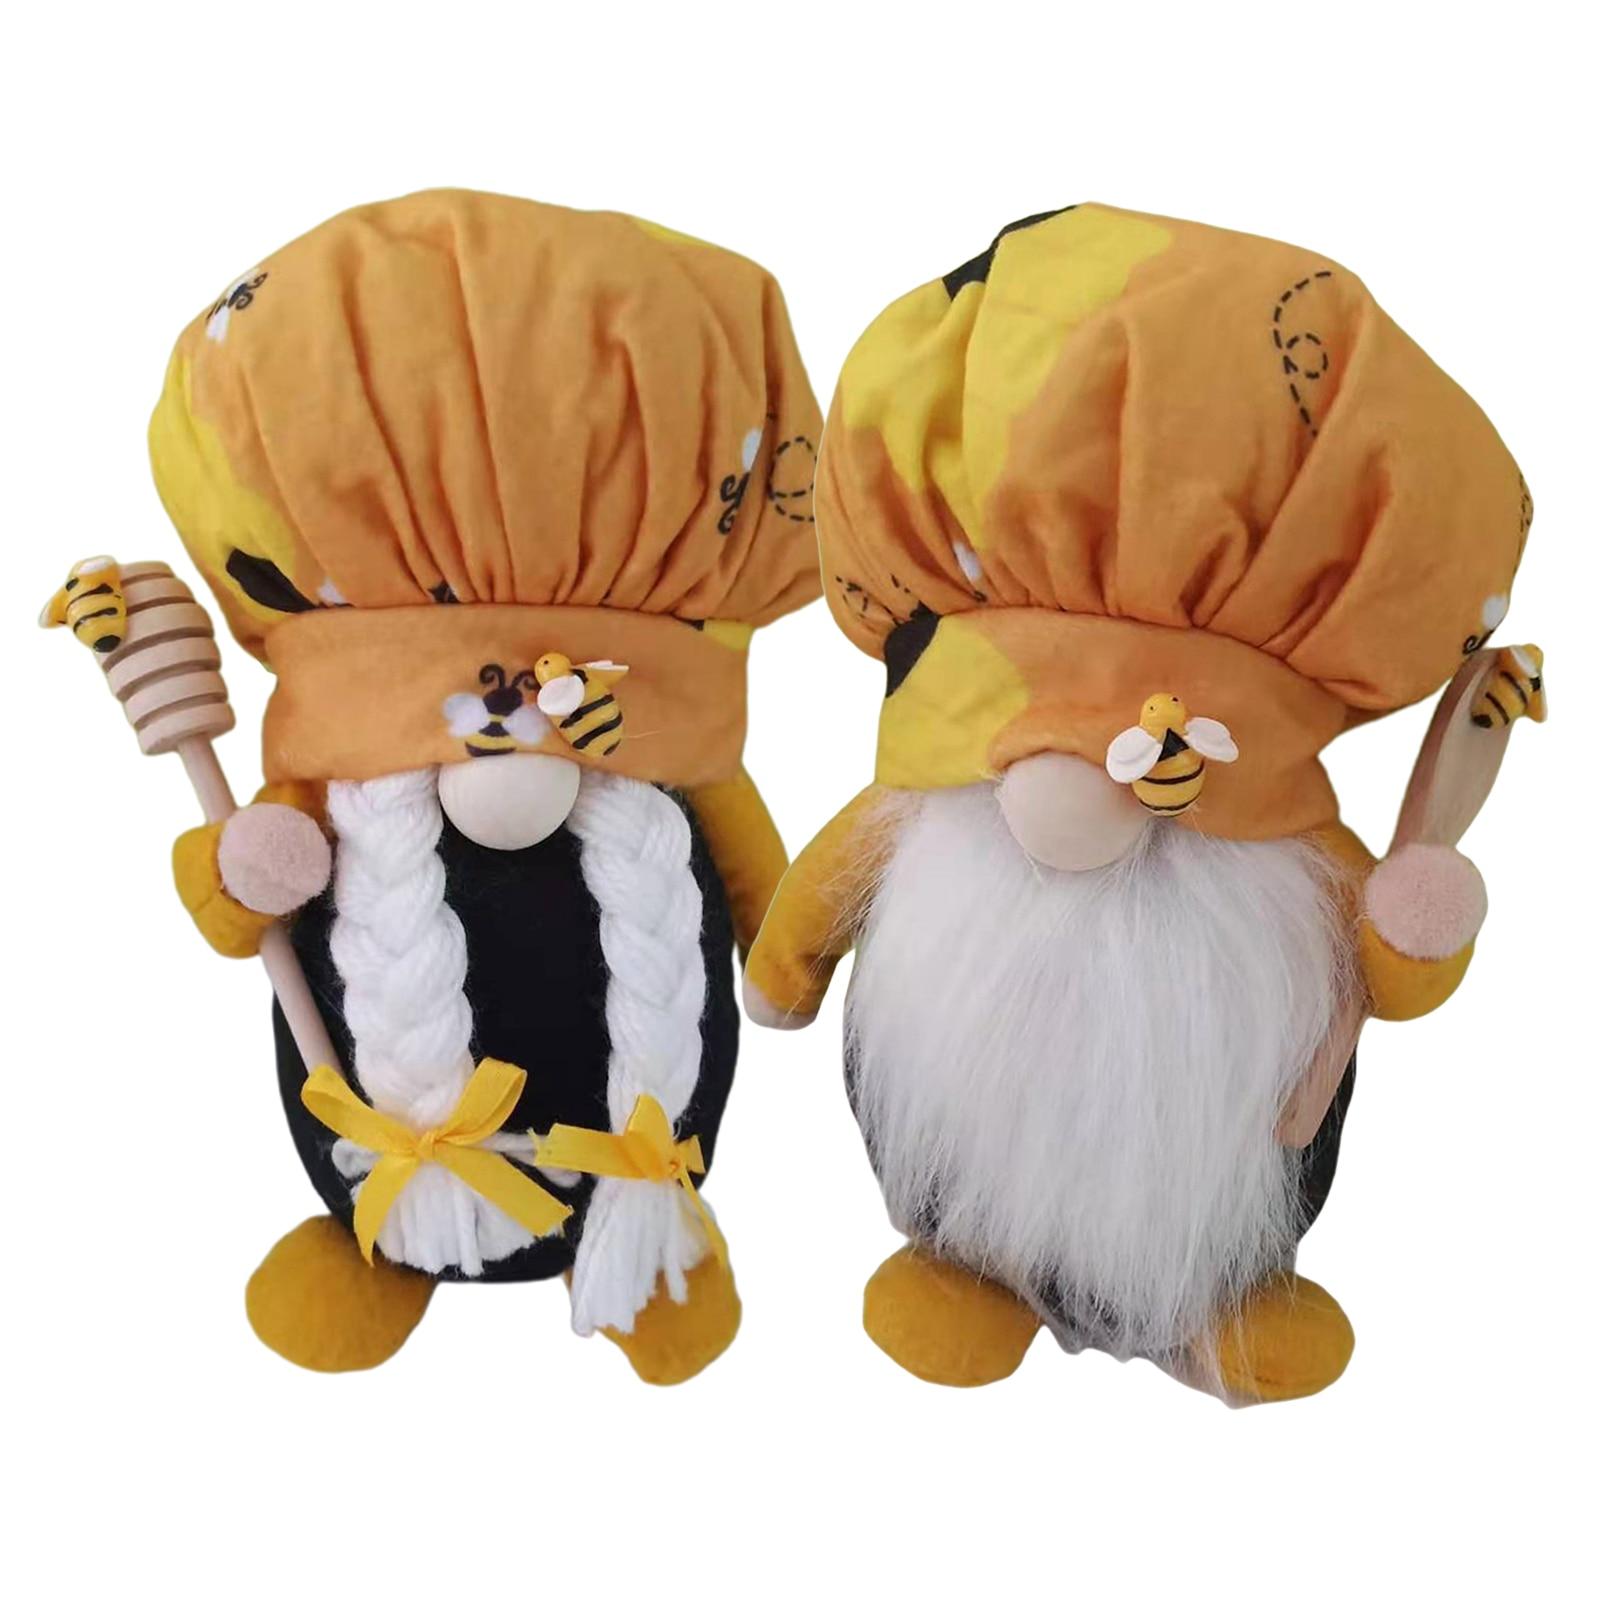 Очаровательные гномы 2 шт., мягкая кукла, Шведский Рождественский подарок Санты, детский подарок